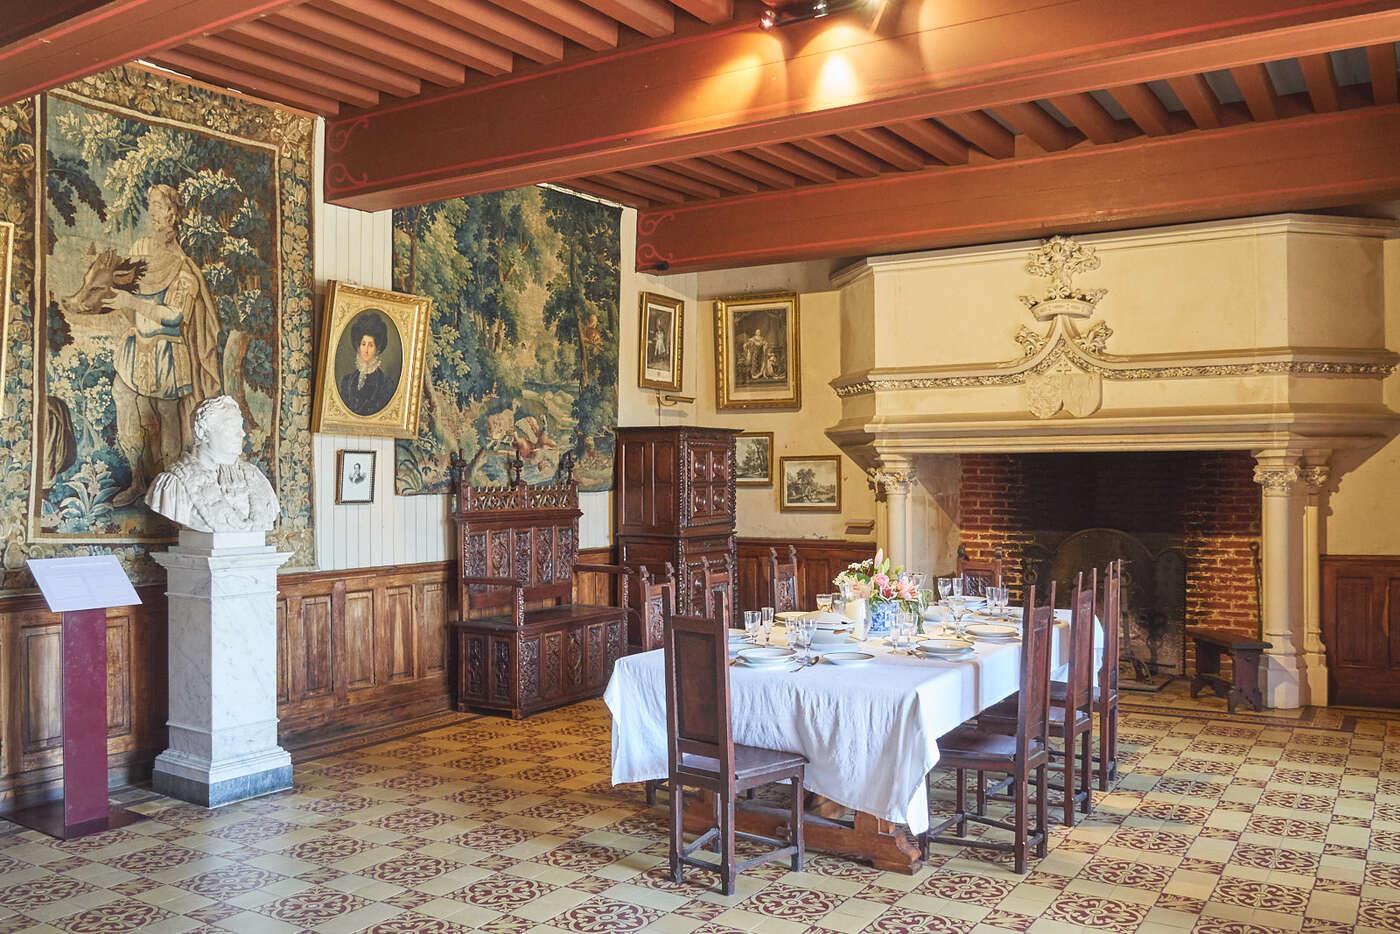 Salle basse du Château de Puymartin